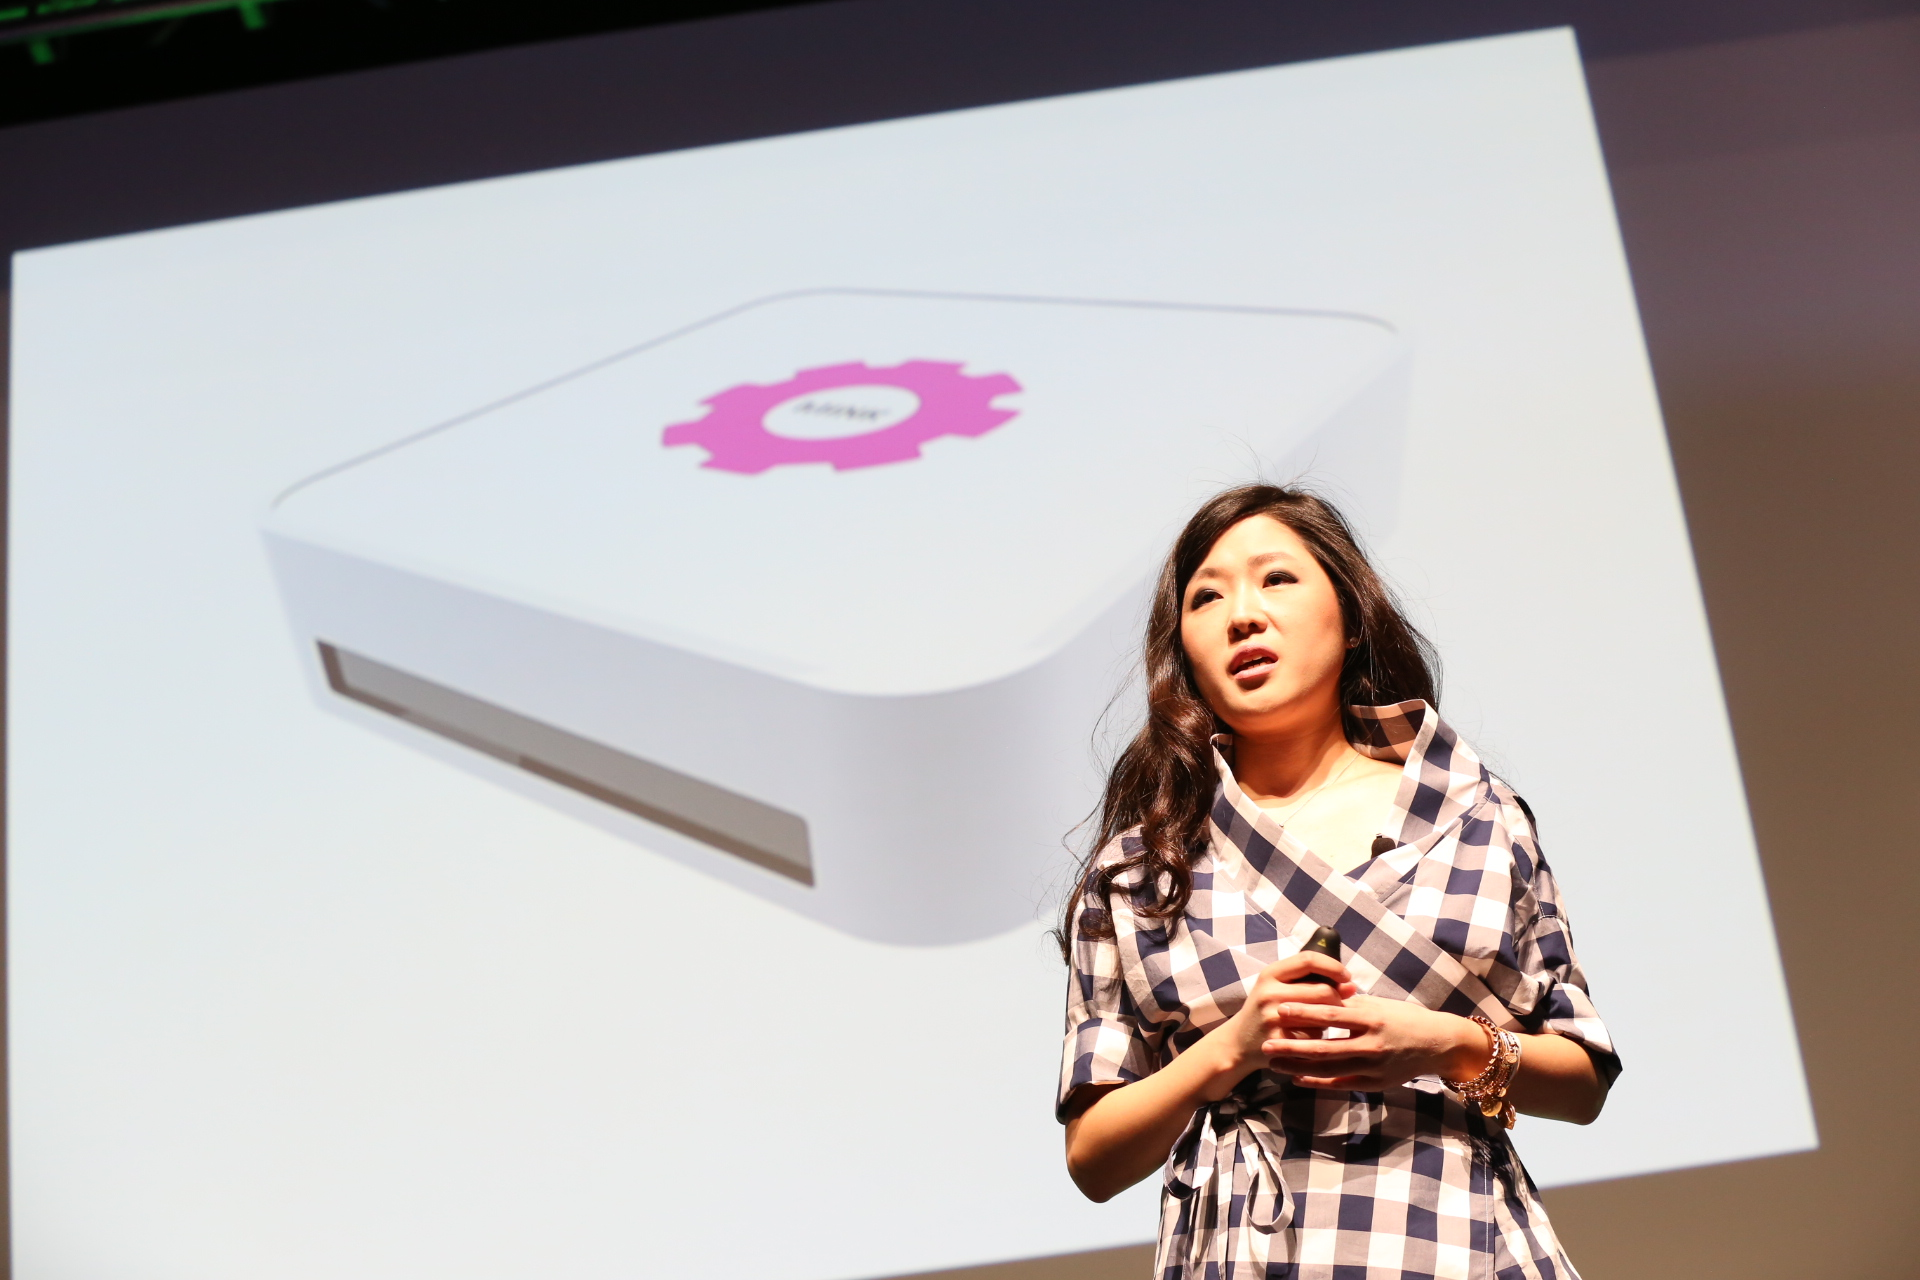 презентация 3D-принтера для печатания косметики